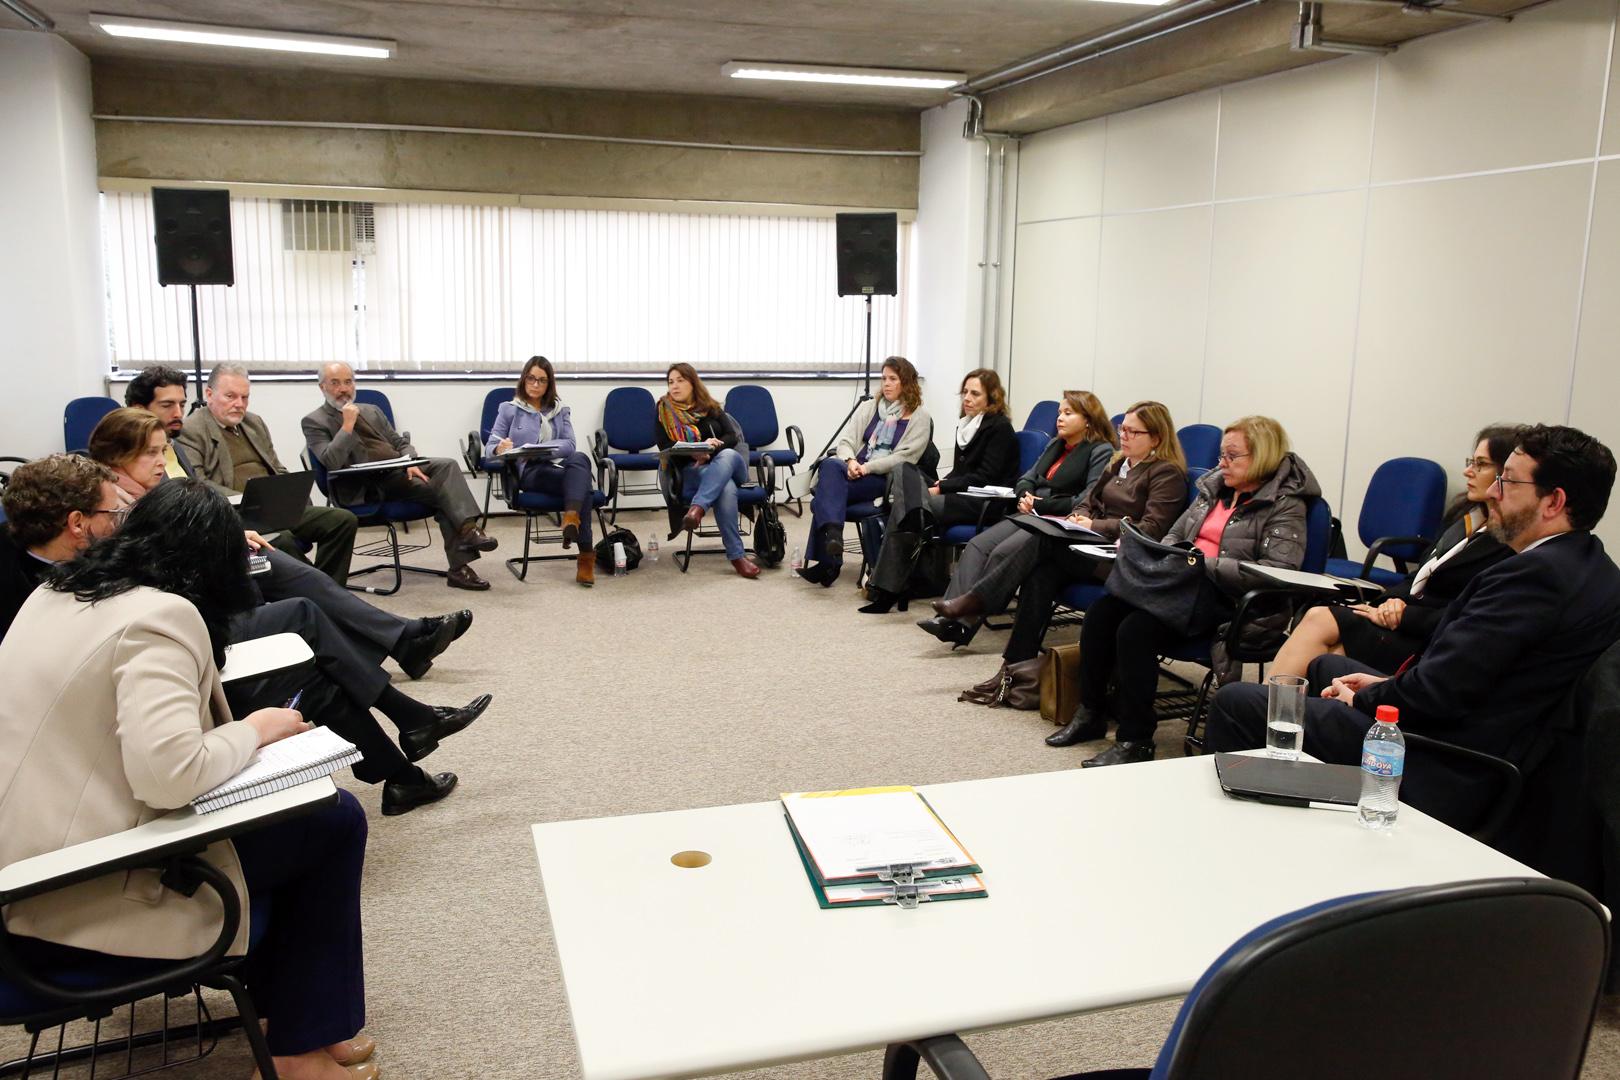 Ocupação de espaços públicos por usuários de drogas é debatida no Núcleo de Estudos em Direito Urbanístico